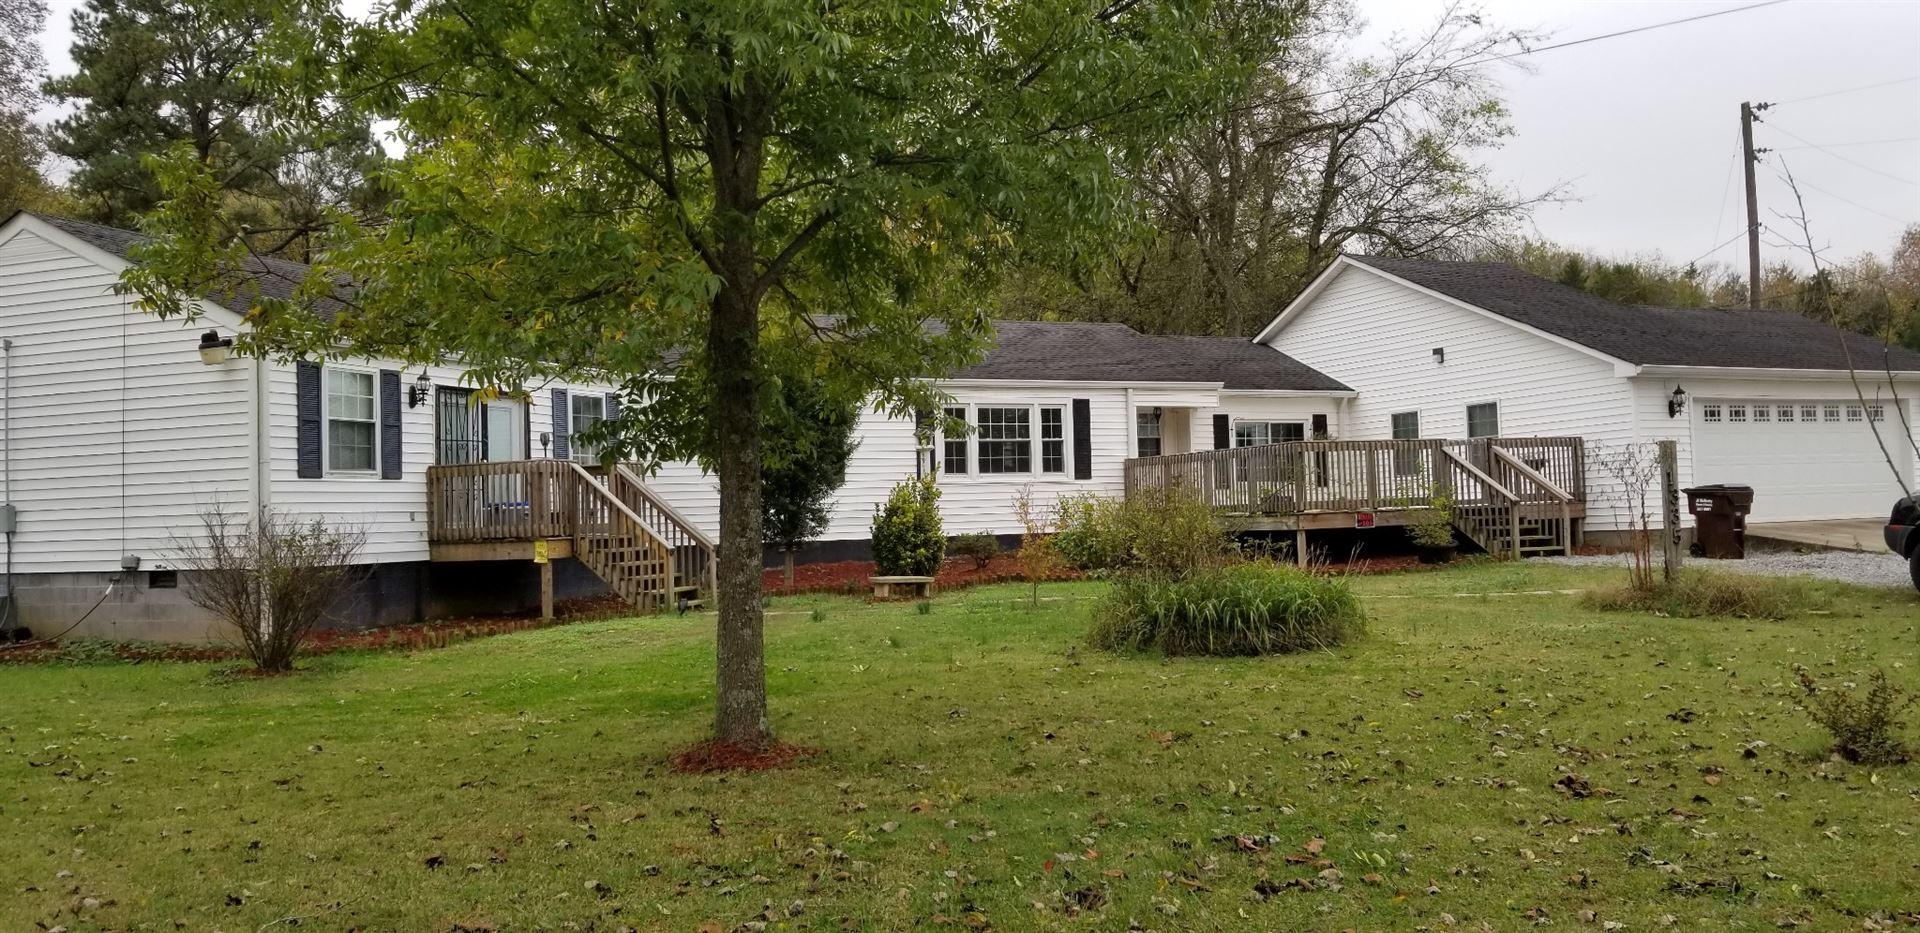 1335 Old Hickory Blvd, Nashville, TN 37207 - MLS#: 2201464